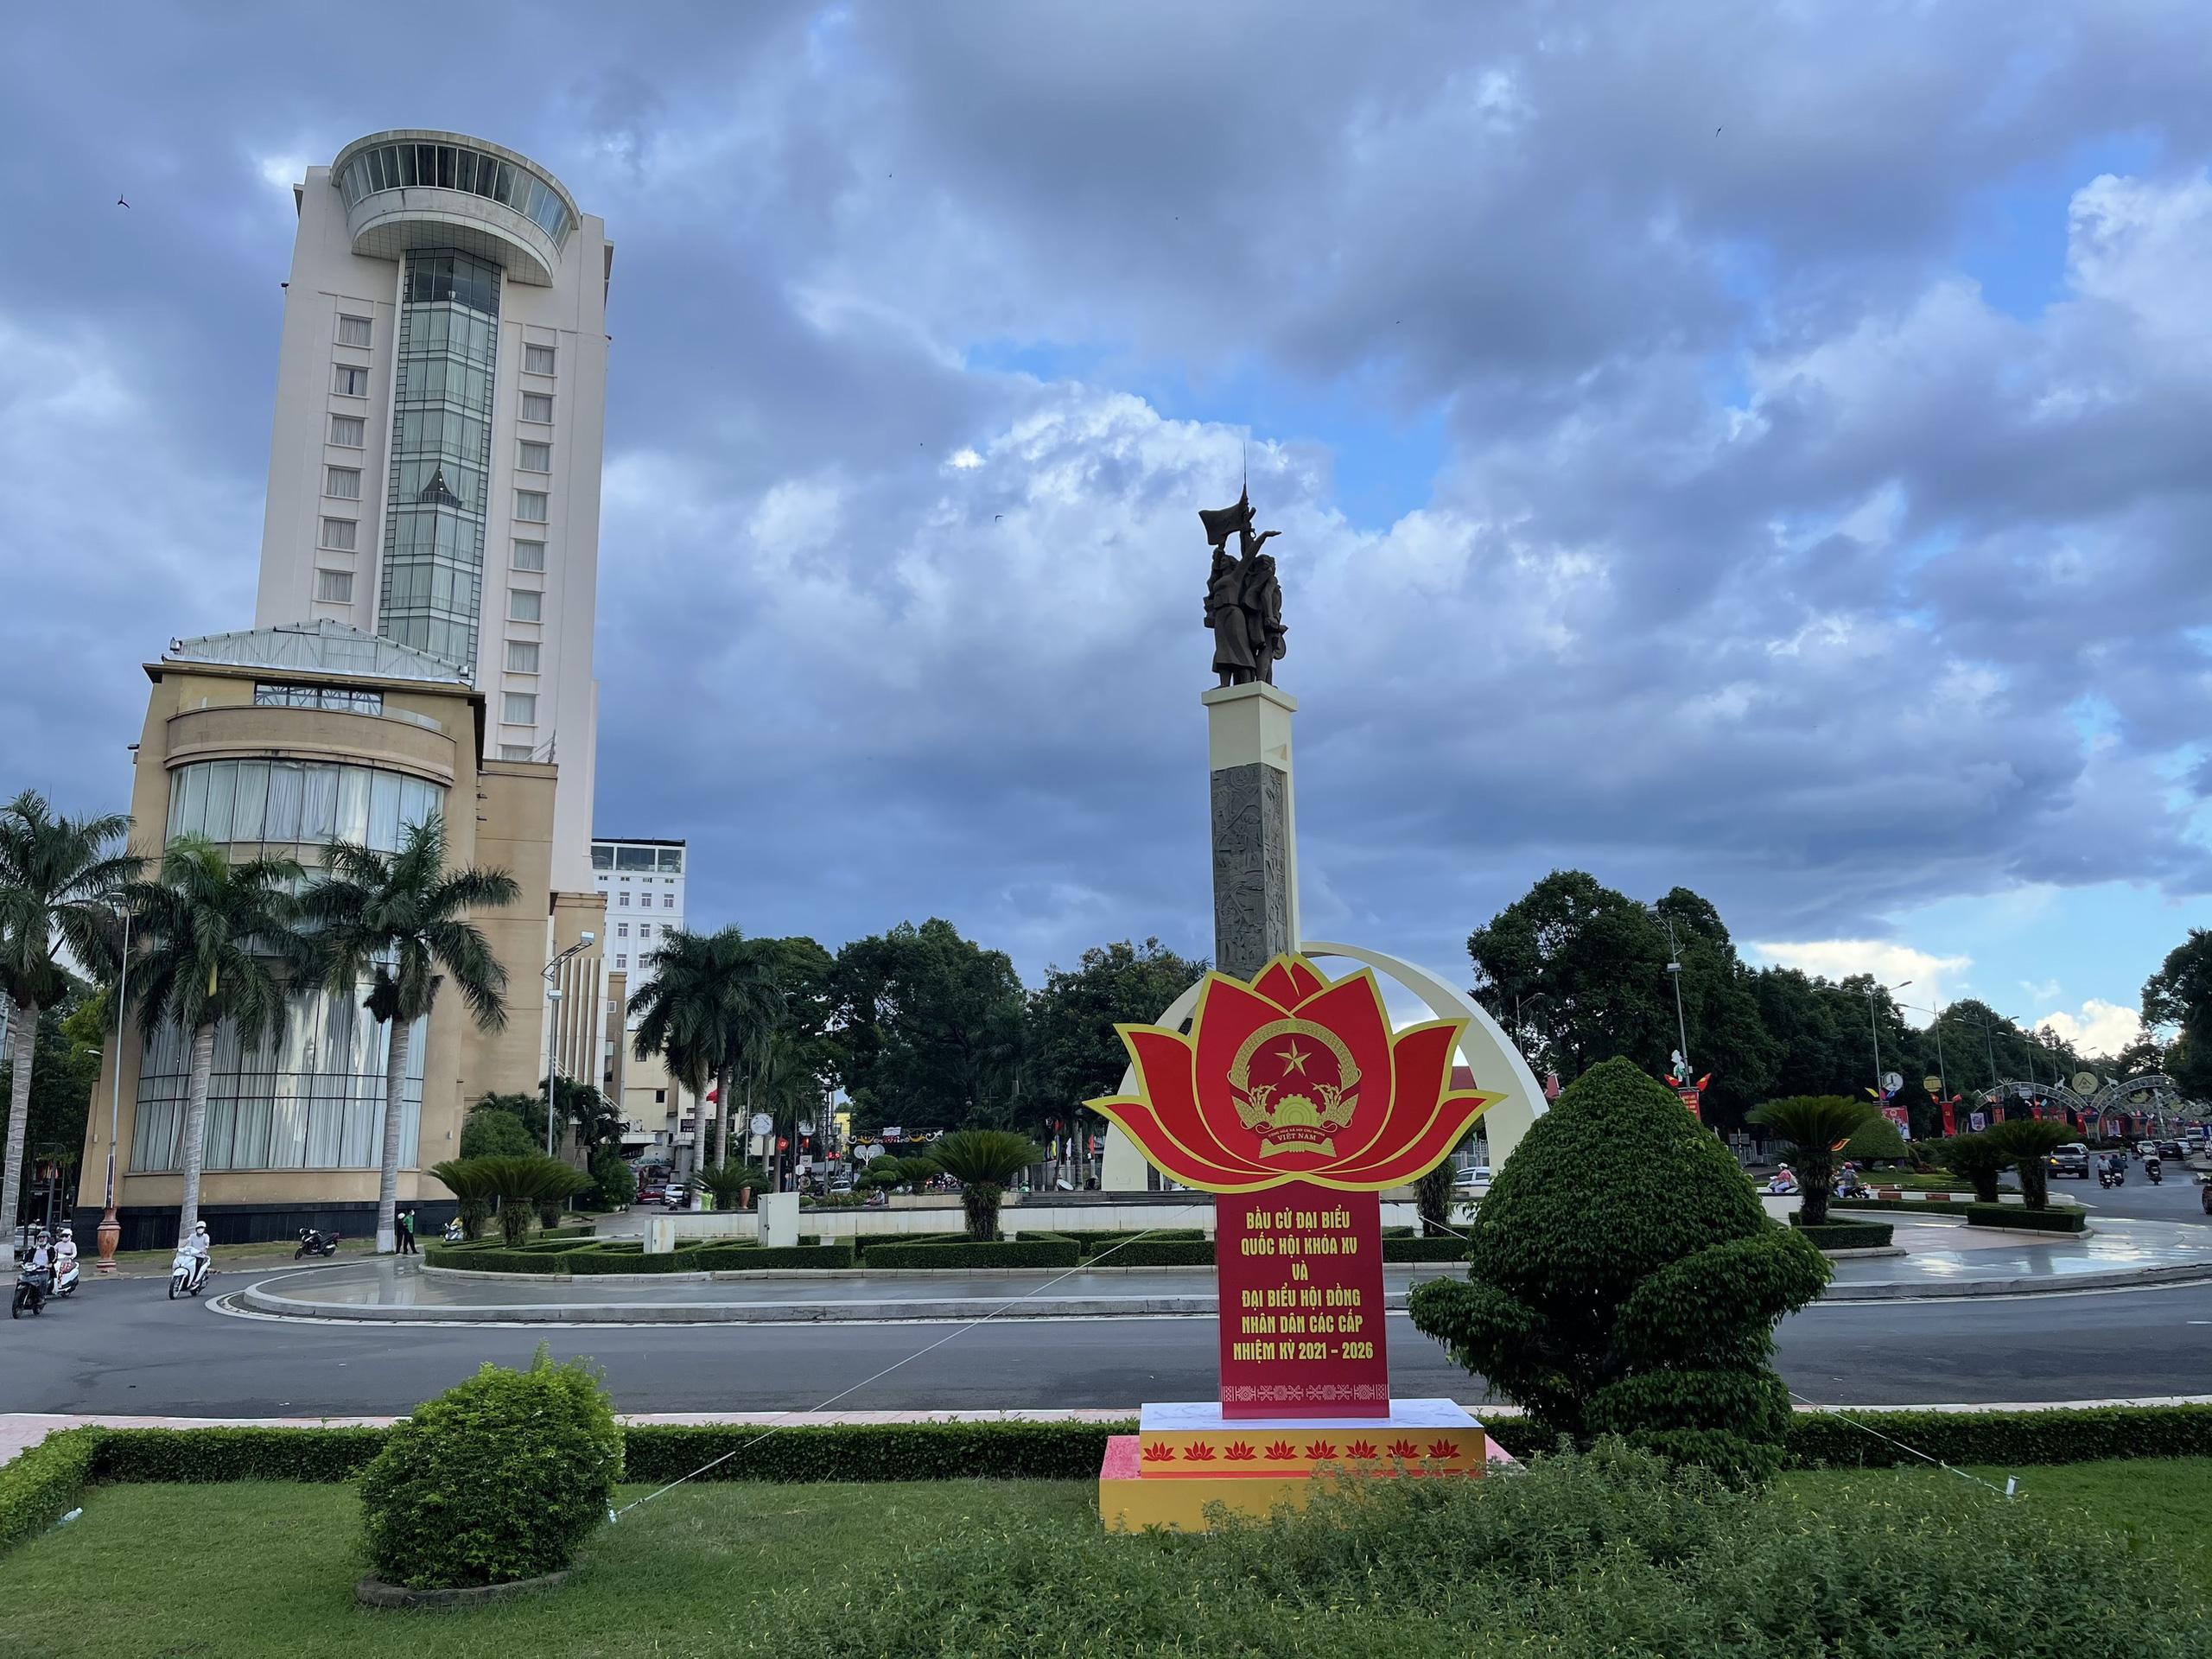 Đắk Lắk: Công tác chuẩn bị bầu cử ở thành phố lớn nhất Tây Nguyên  - Ảnh 2.